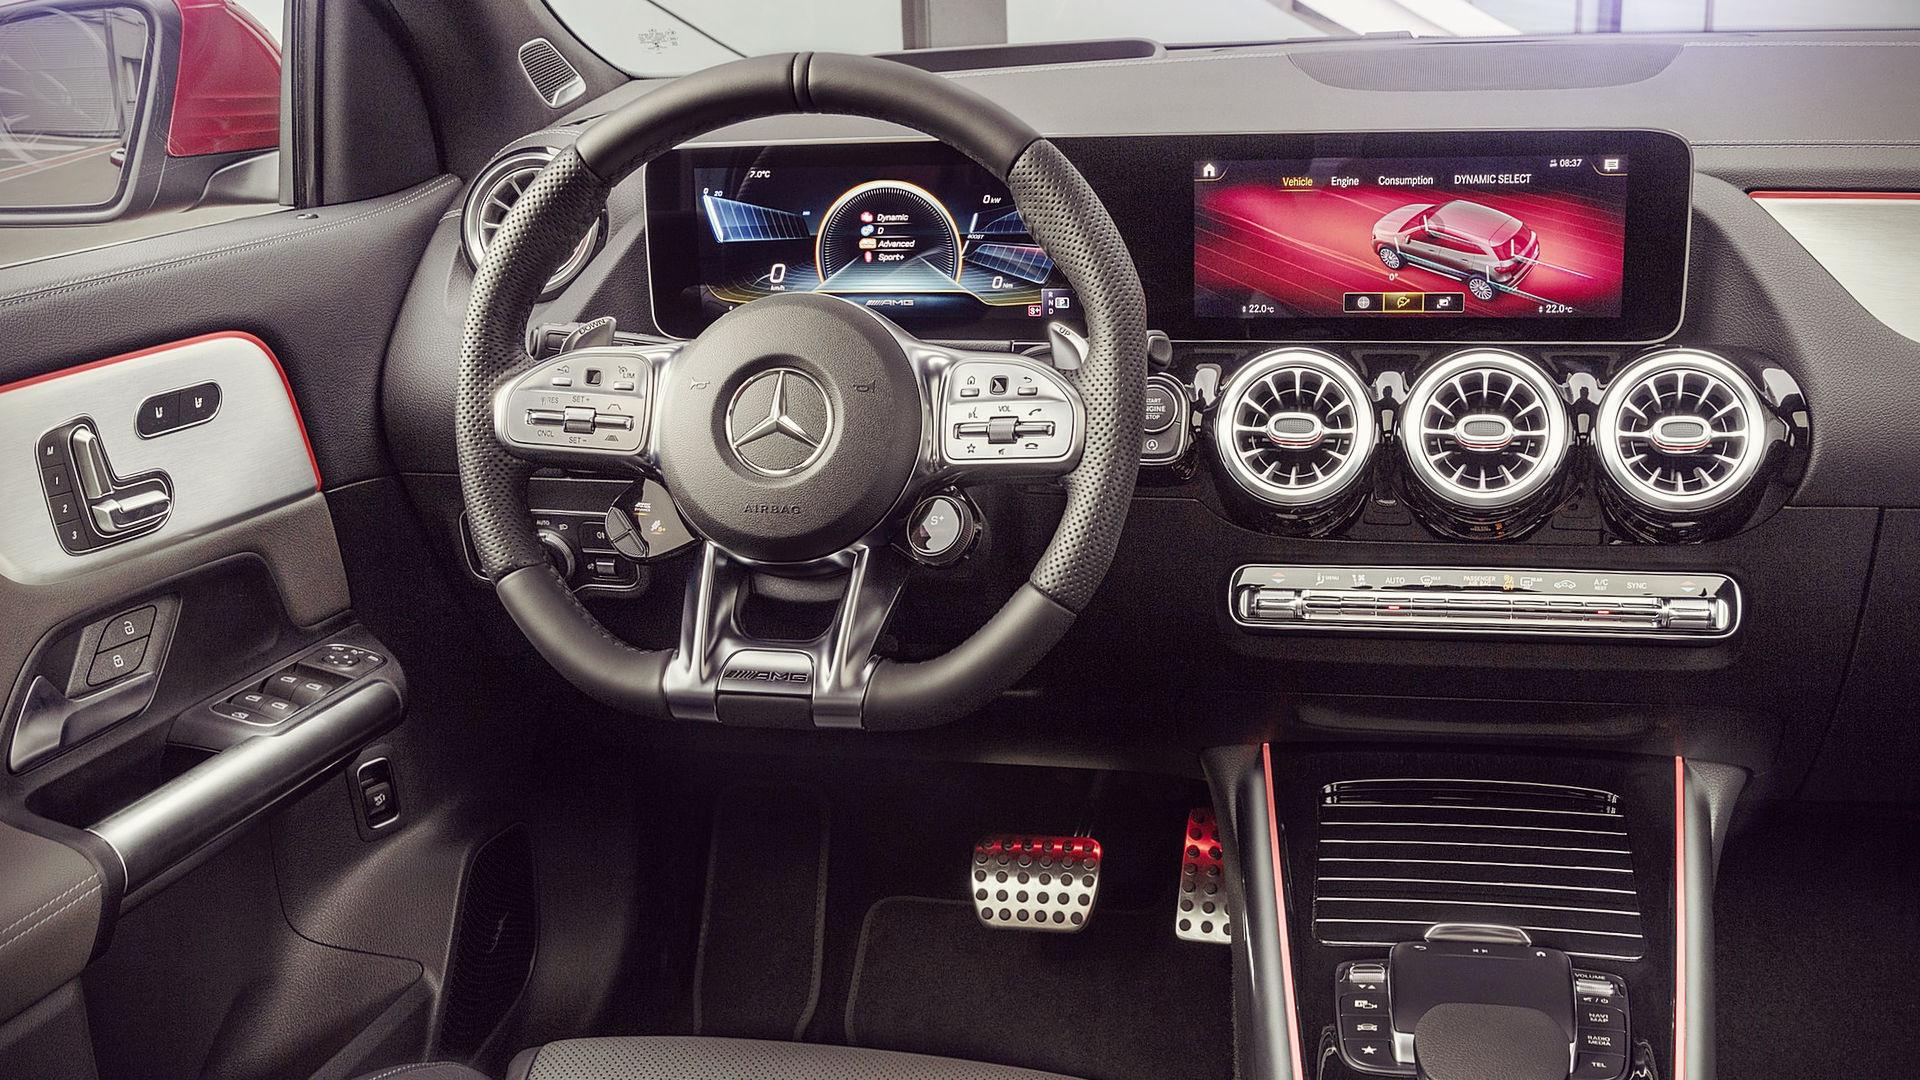 Mercedes Benz GLA 35 AMG 2020 Interior Wallpaper